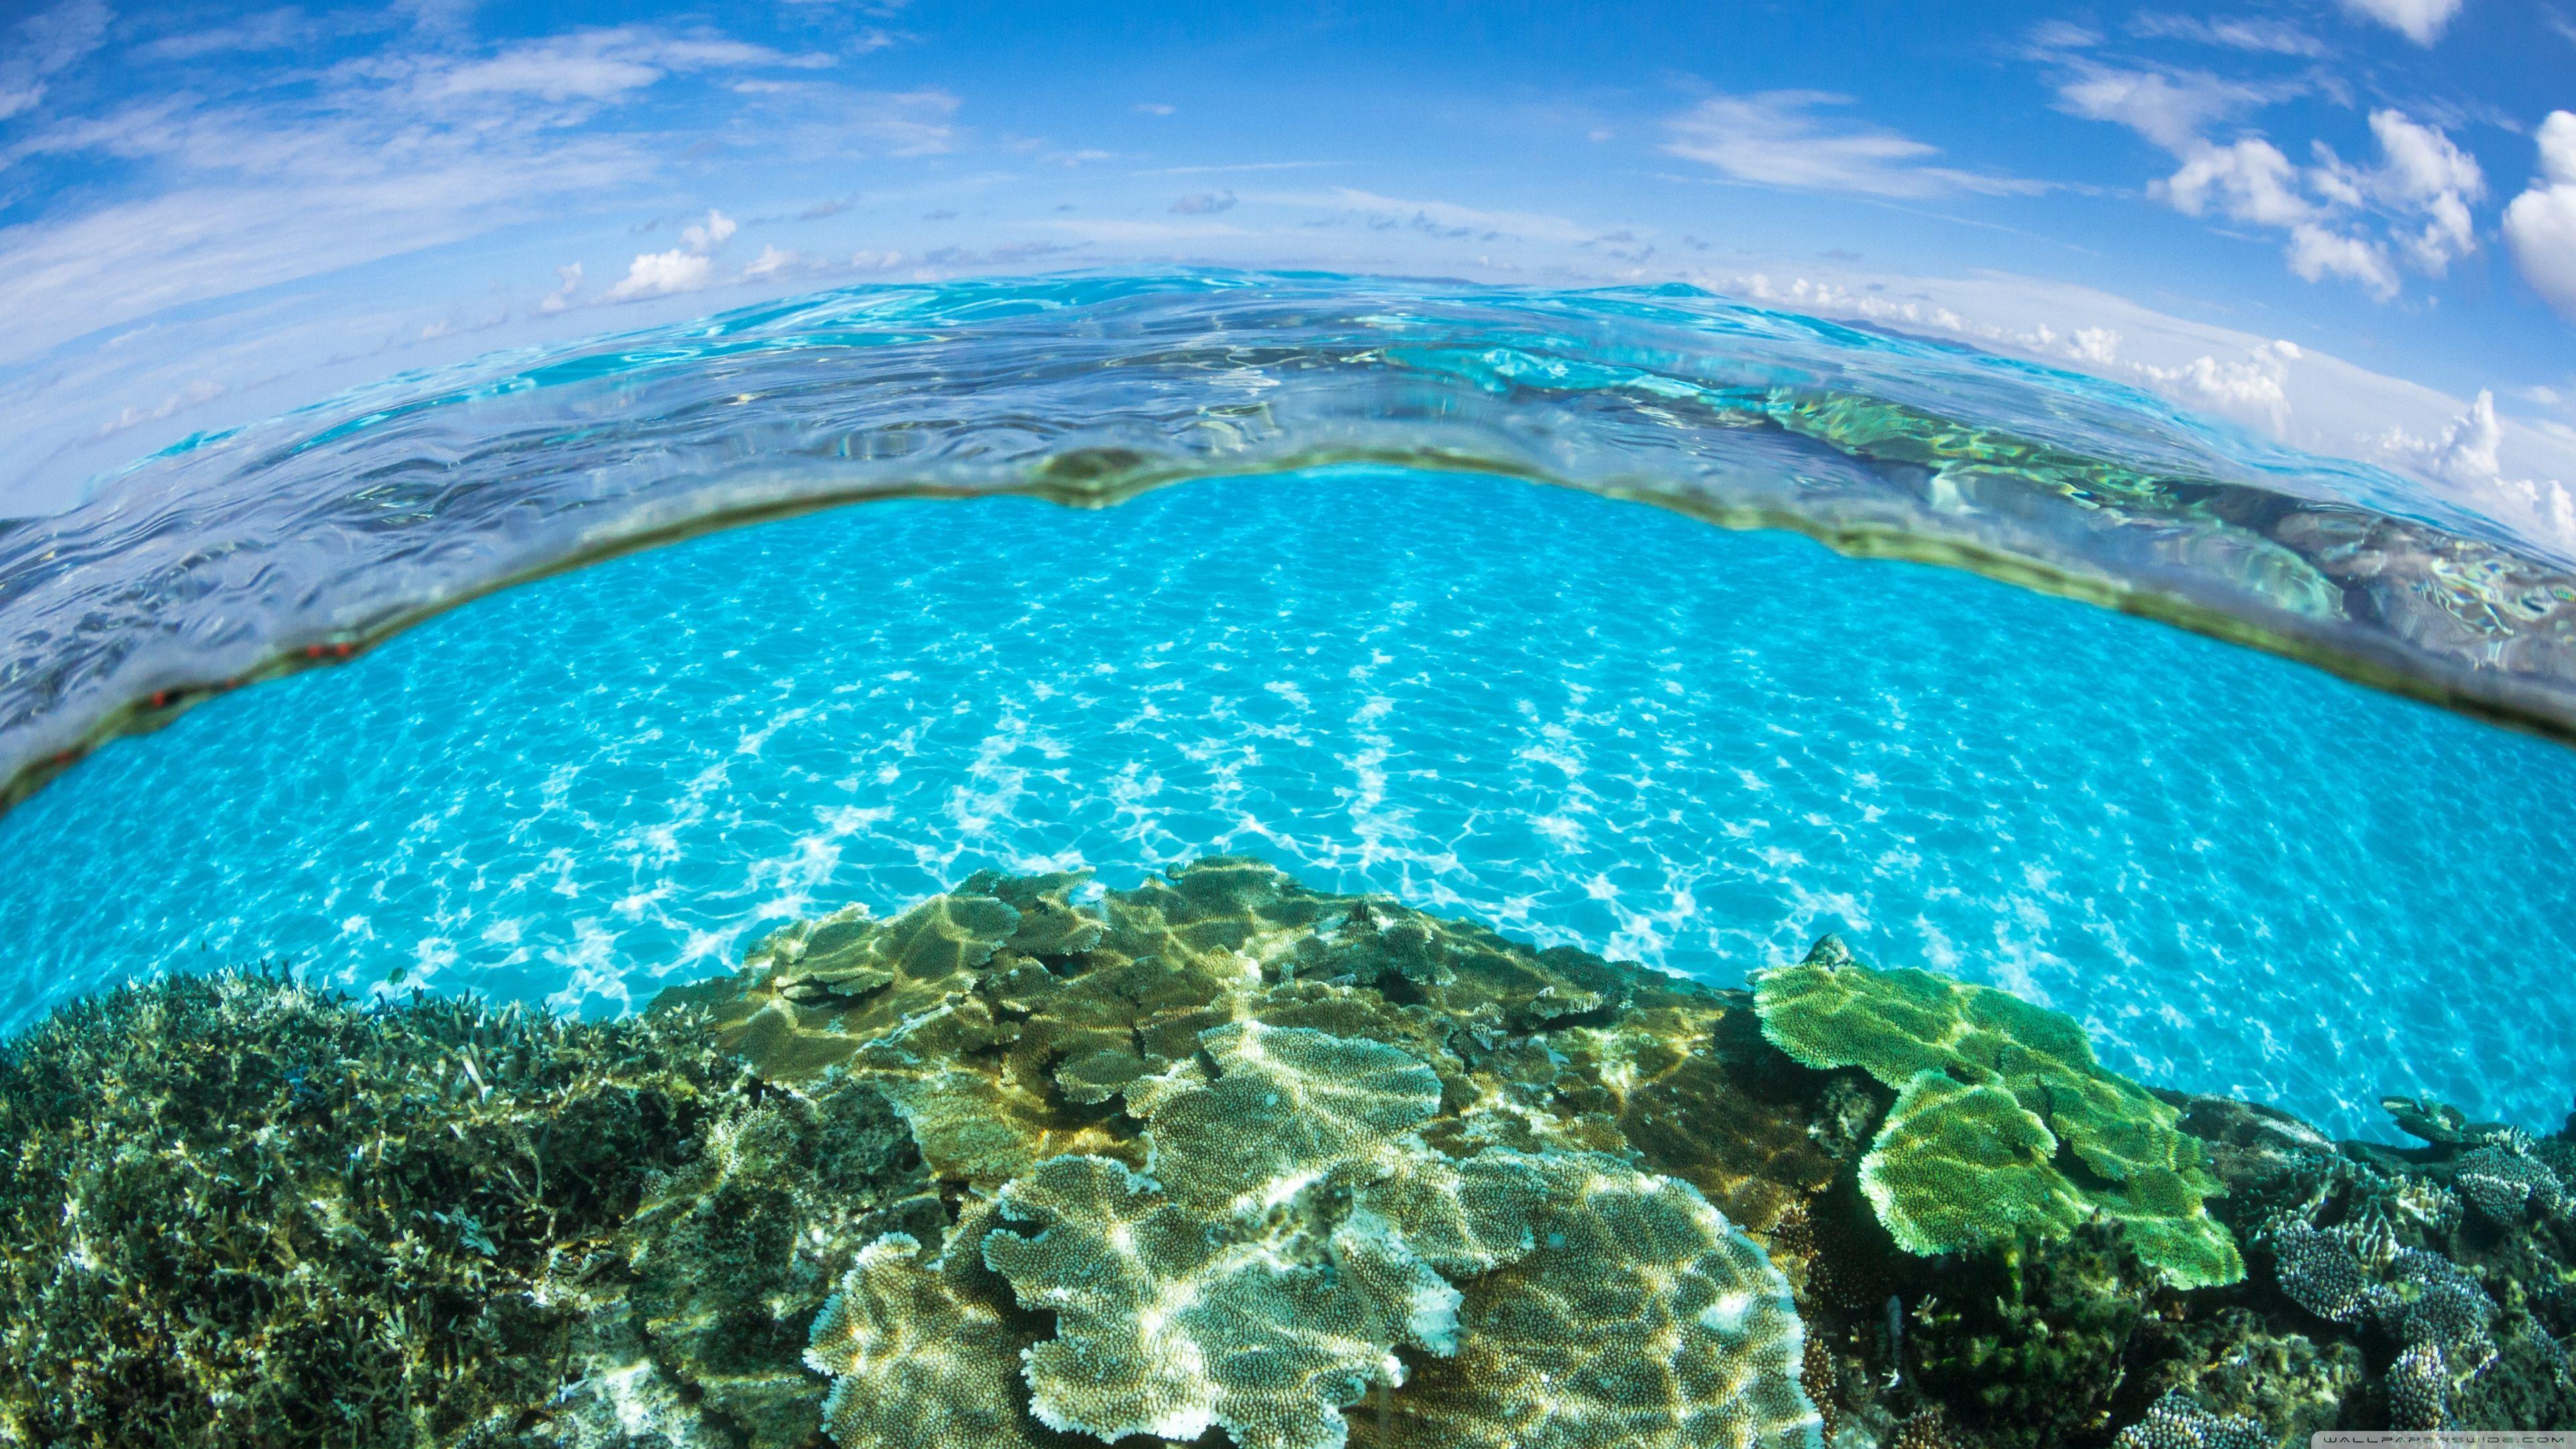 4k Ultra Hd Underwater Wallpapers Top Free 4k Ultra Hd